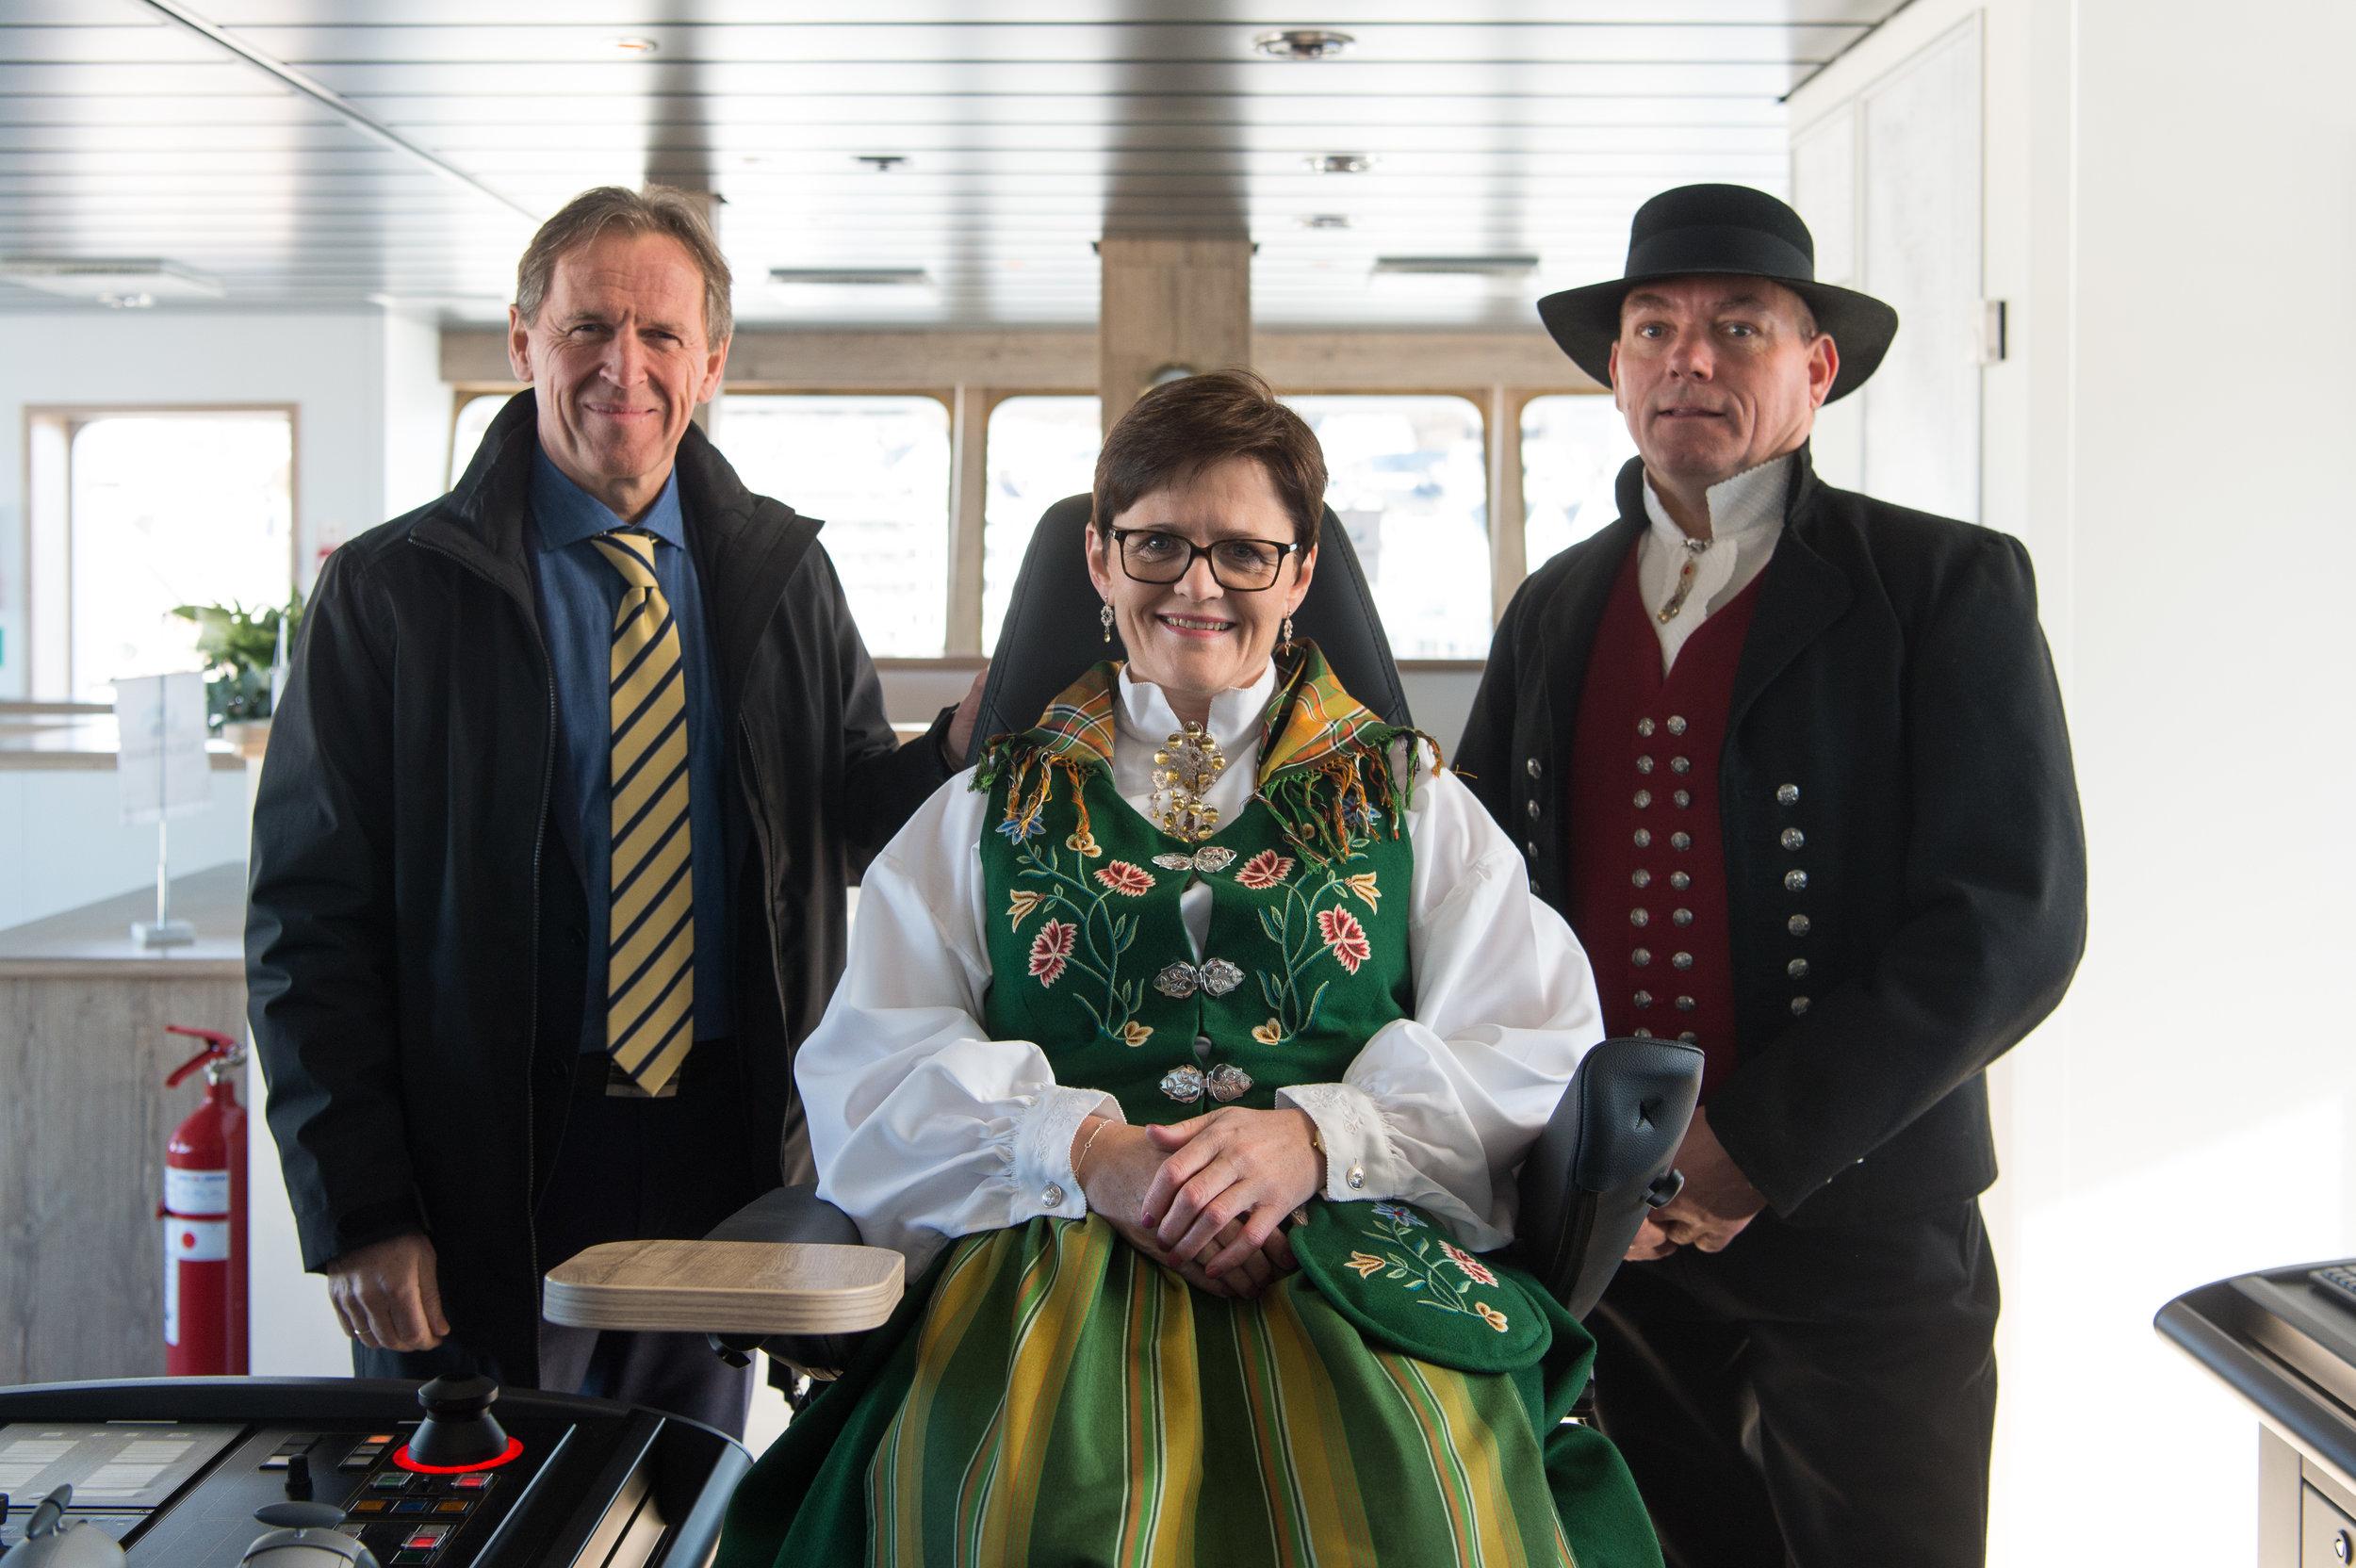 From left:CEO of Kleven Ståle Rasmussen, Lady Sponsor Lisbeth Berg-Hansen in the captains chair and CEO of Sølvtrans Roger Halsebakk.